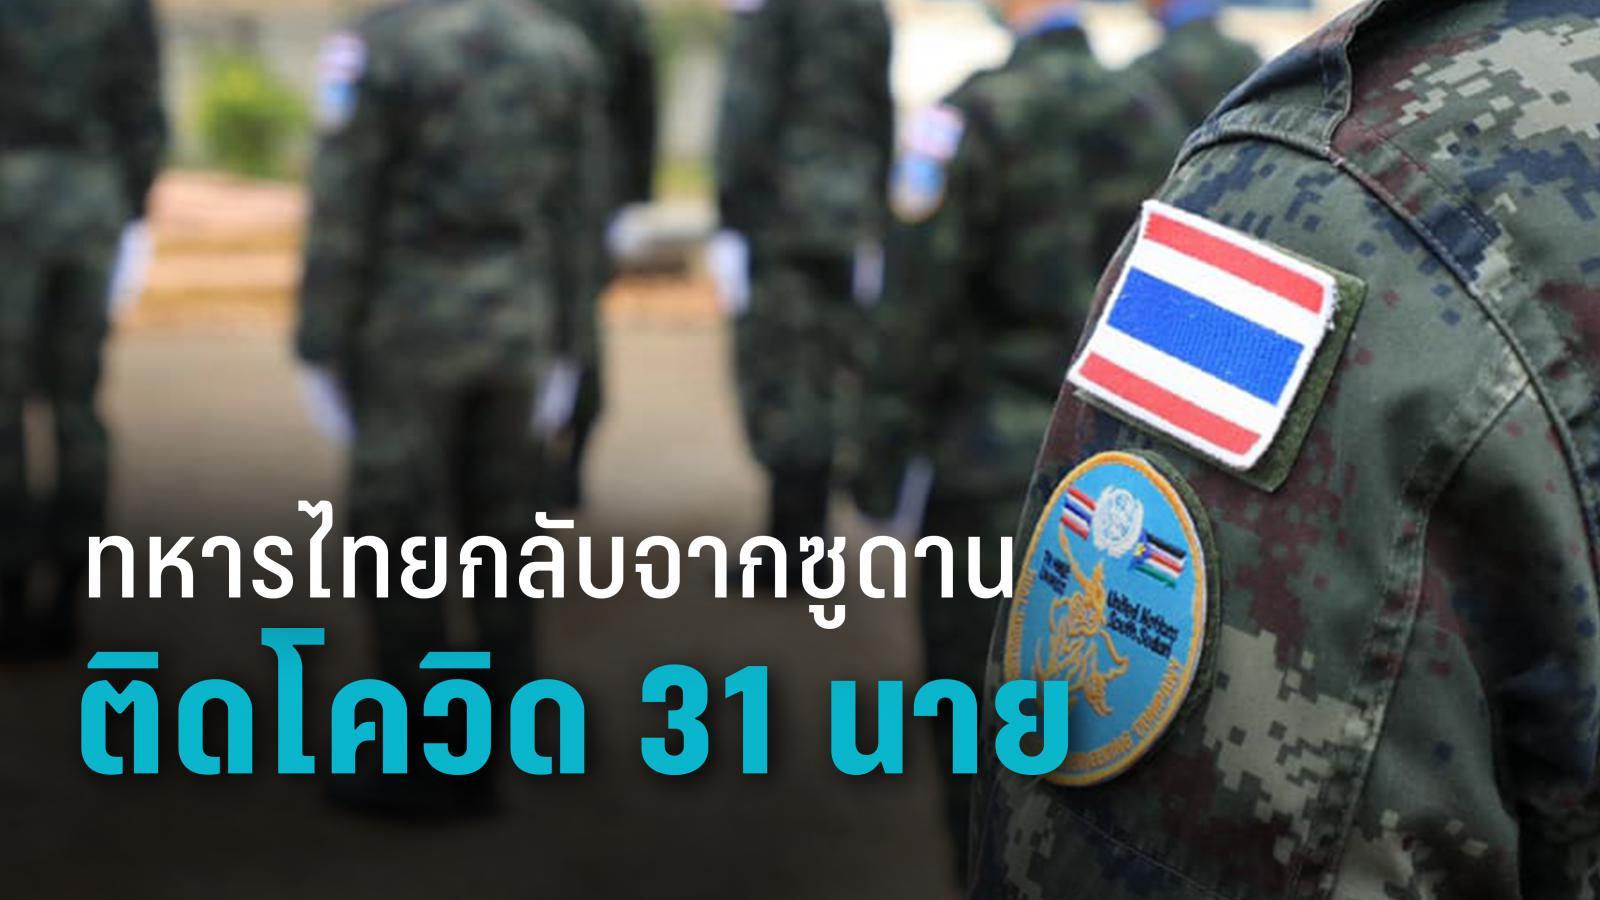 ทหารไทยกลับจากซูดาน ติดโควิด 31 นาย